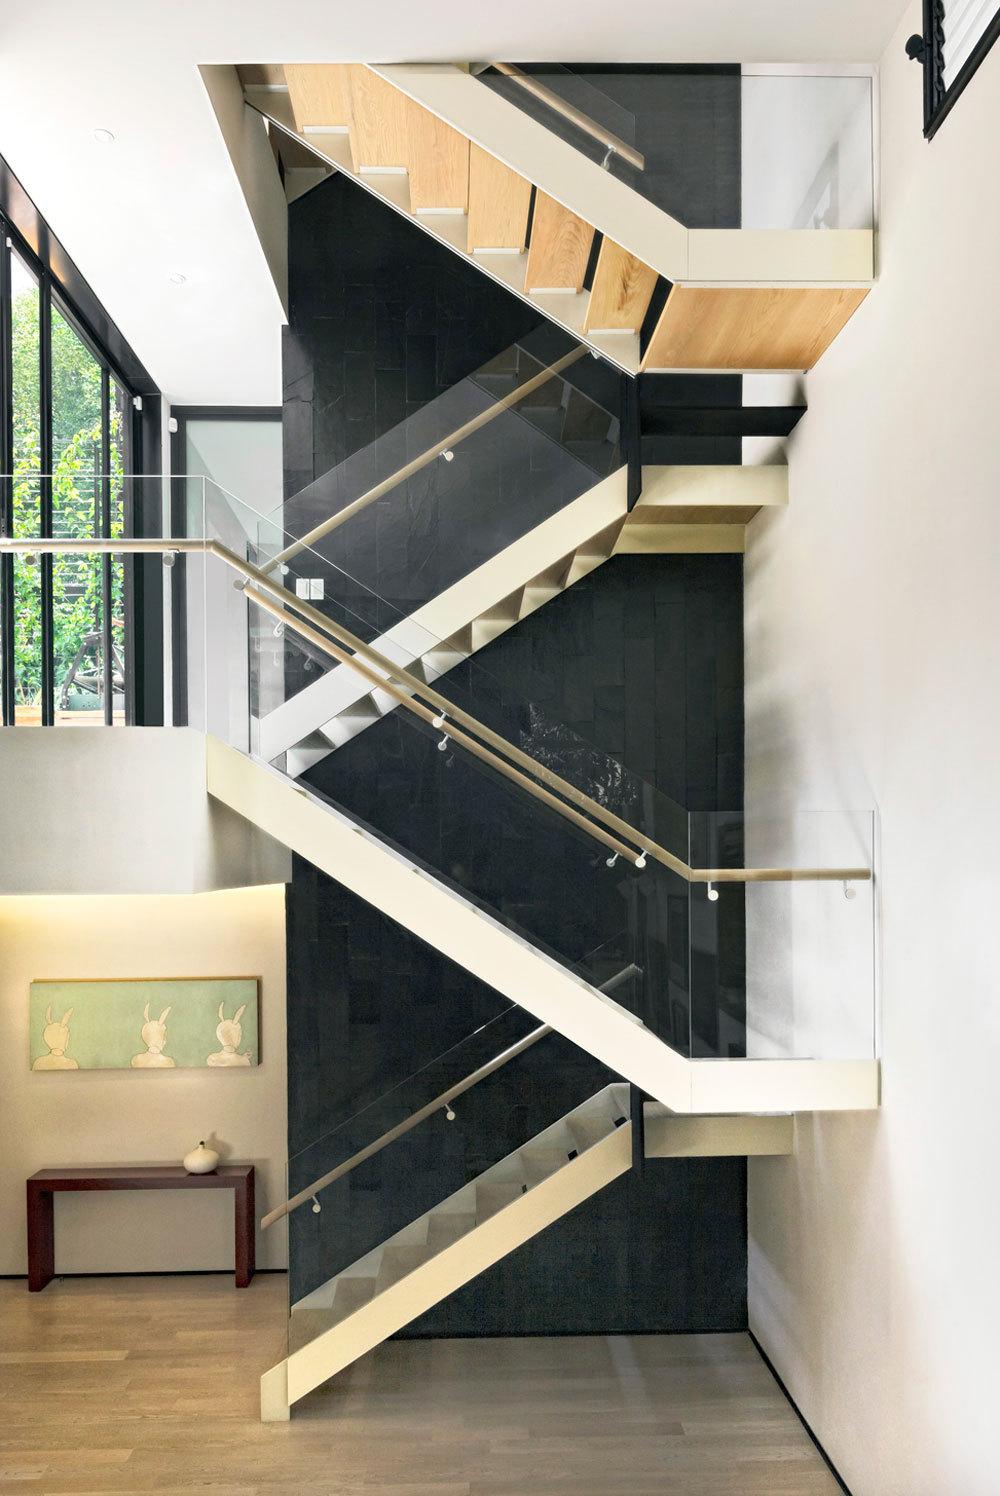 Casa cormanca arquitectura sostenible para la ciudad de for Gradas interiores